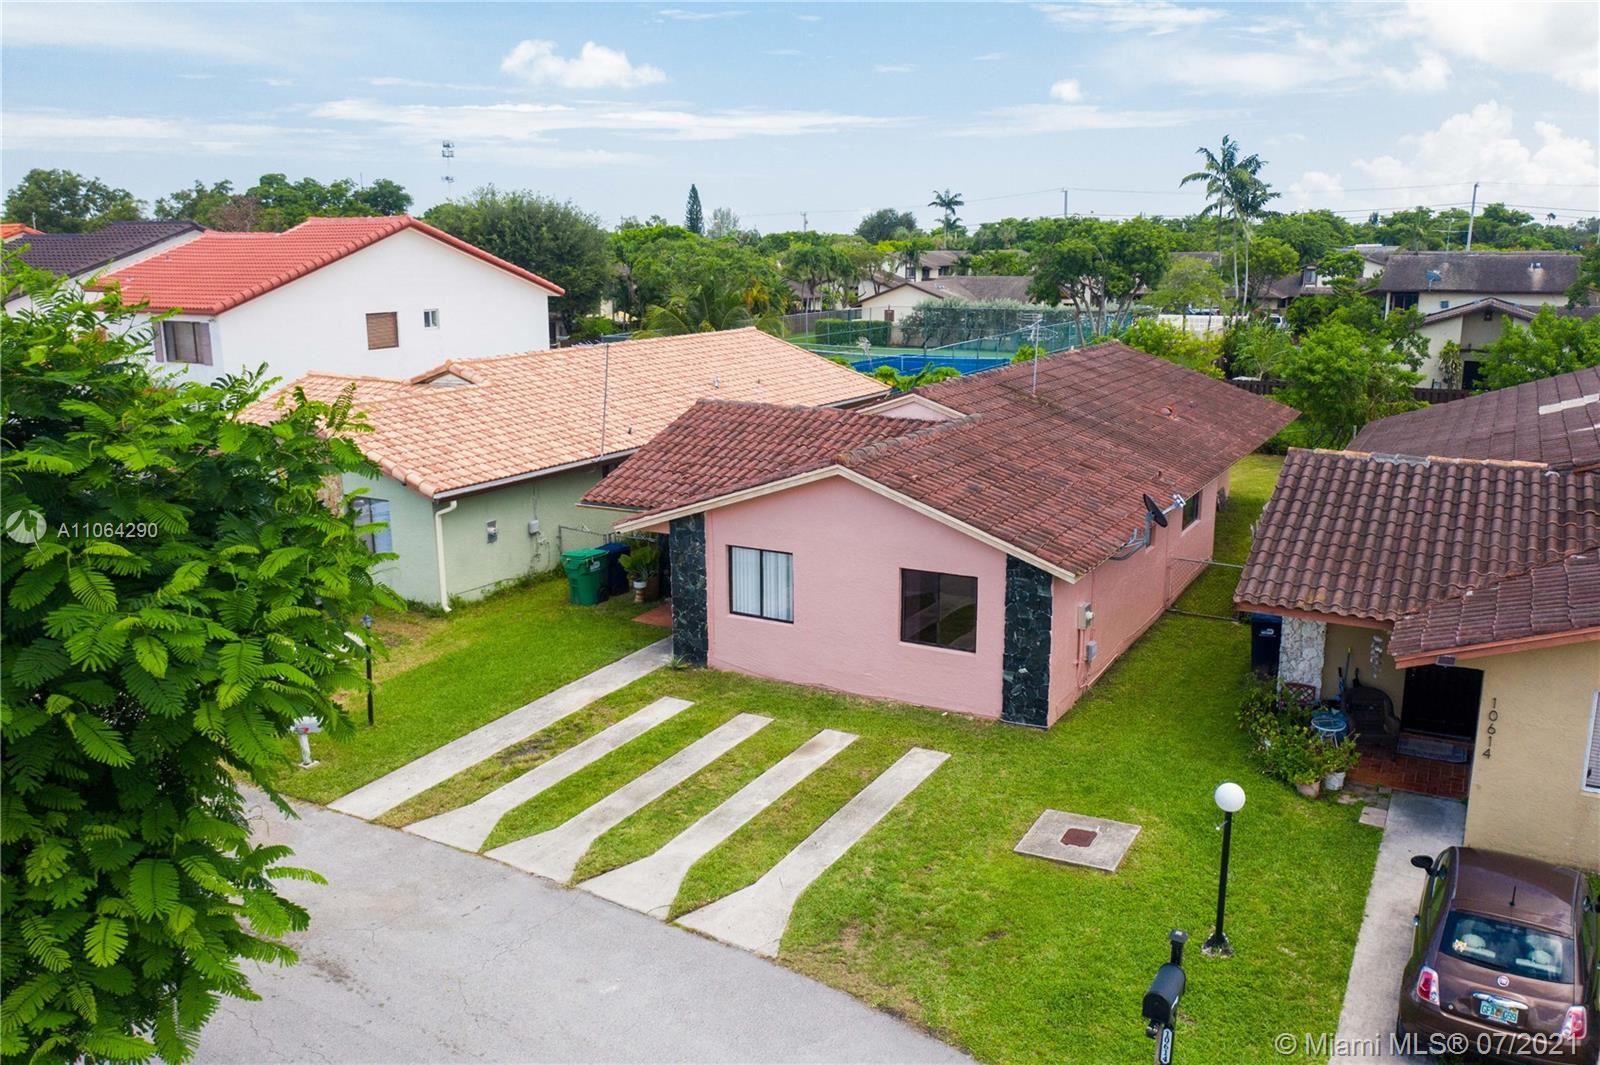 10610 SW 69th Ter, Miami, FL 33173 - #: A11064290